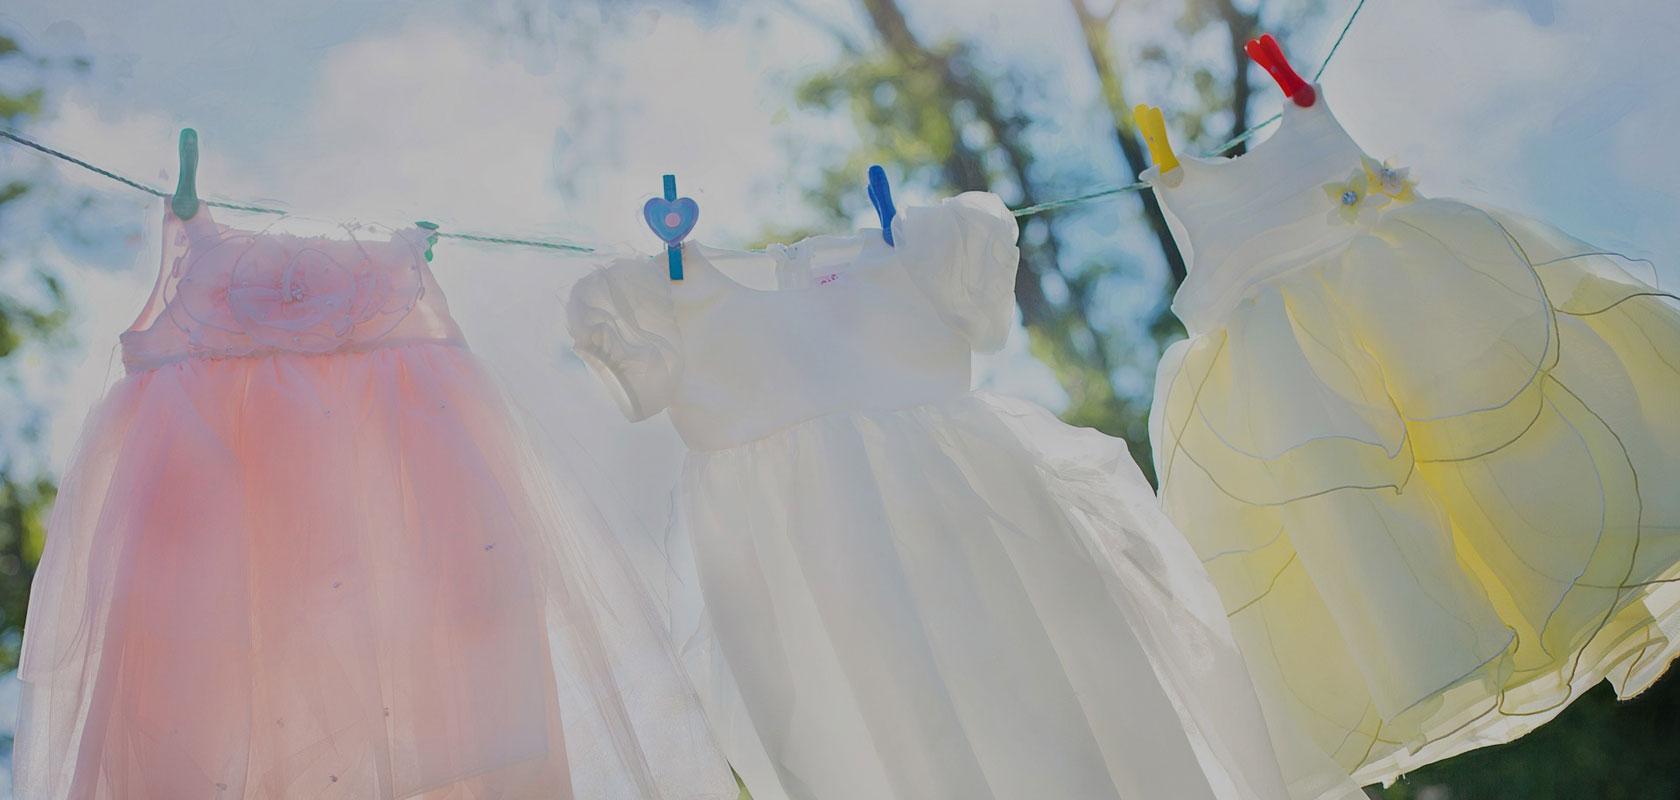 Laundrybat image